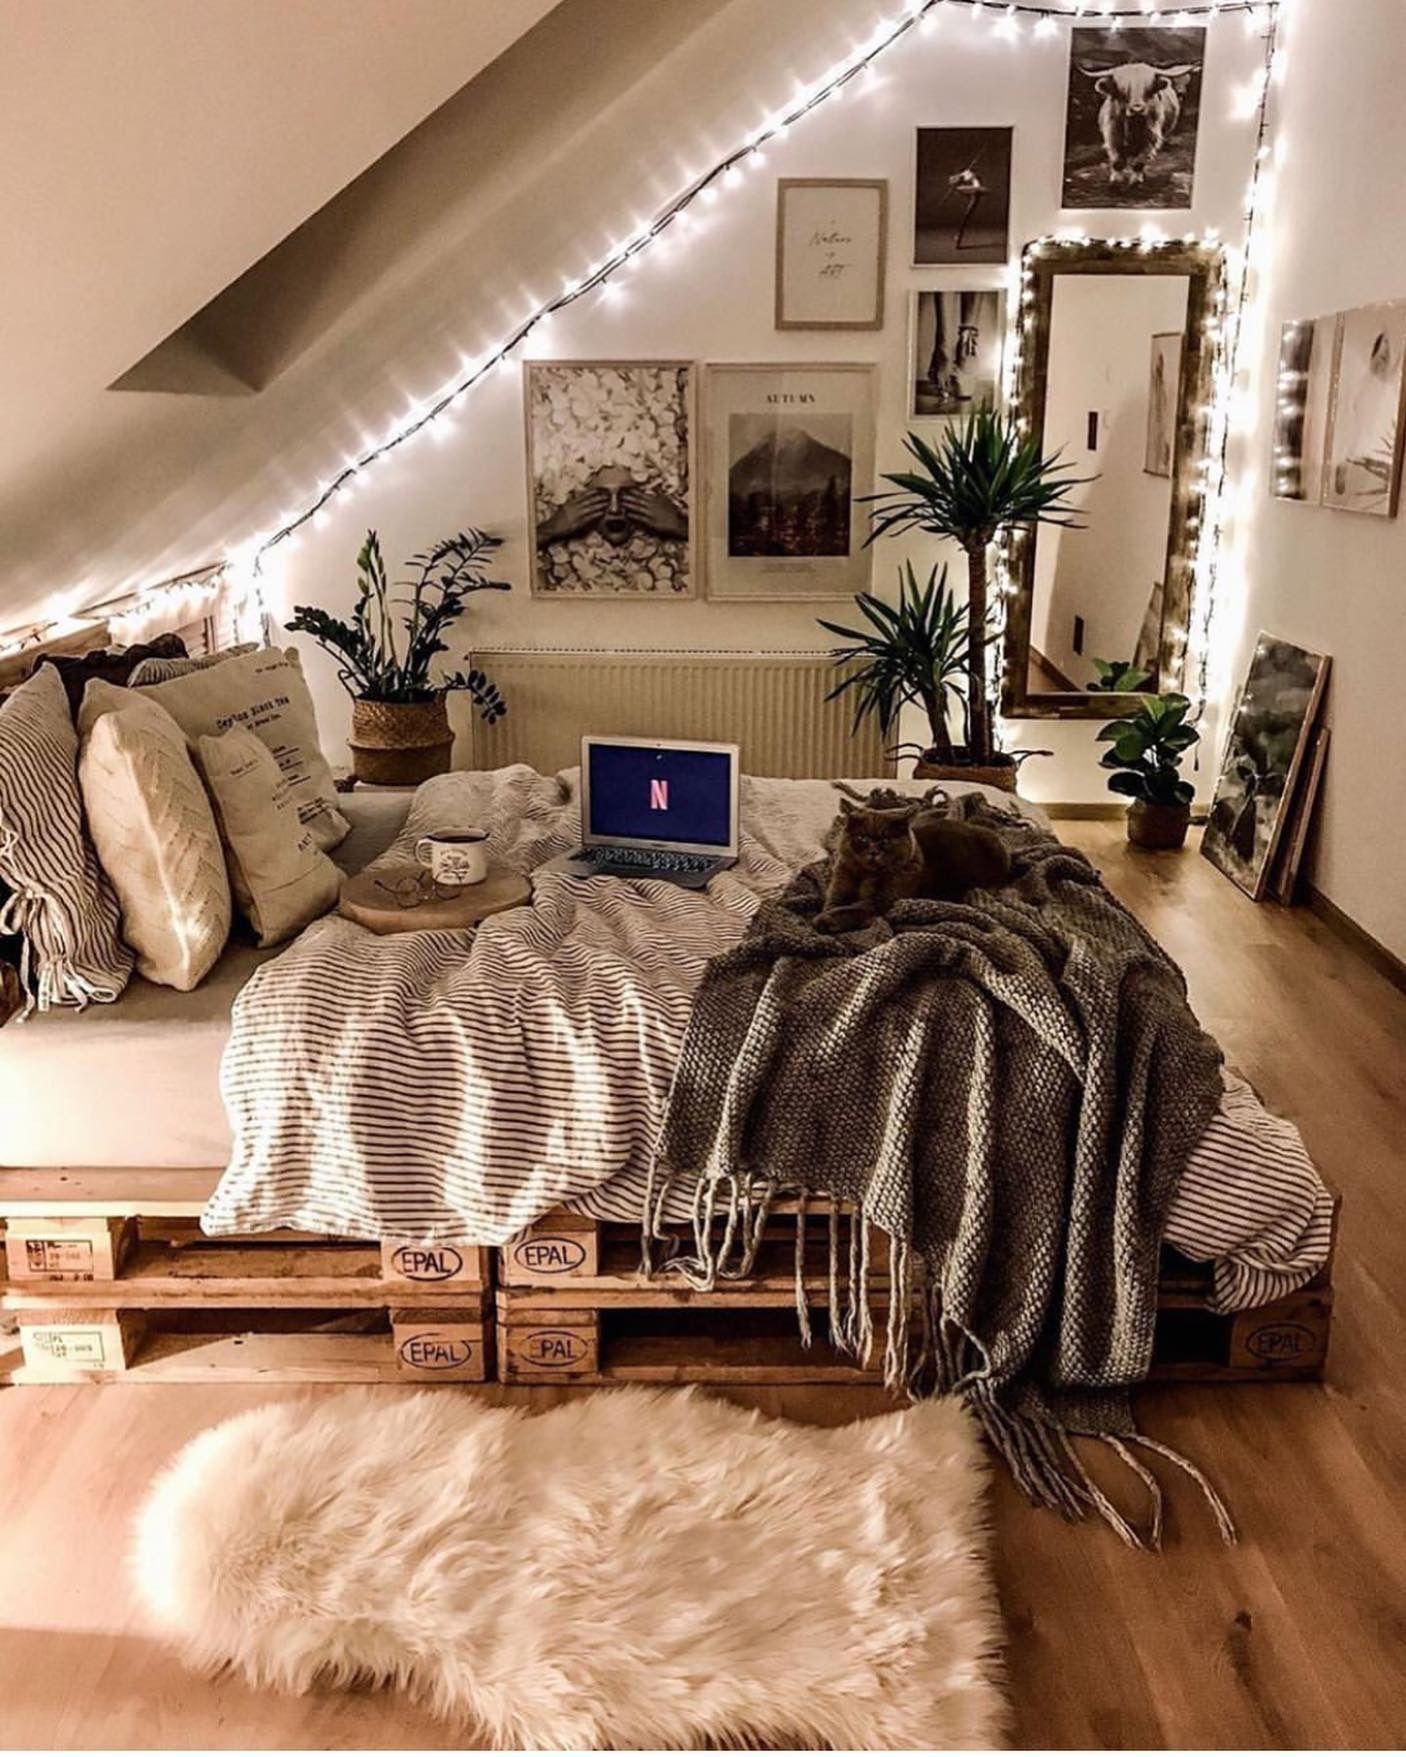 Idée décoration   Idées déco chambre cocooning, Idée déco chambre ...